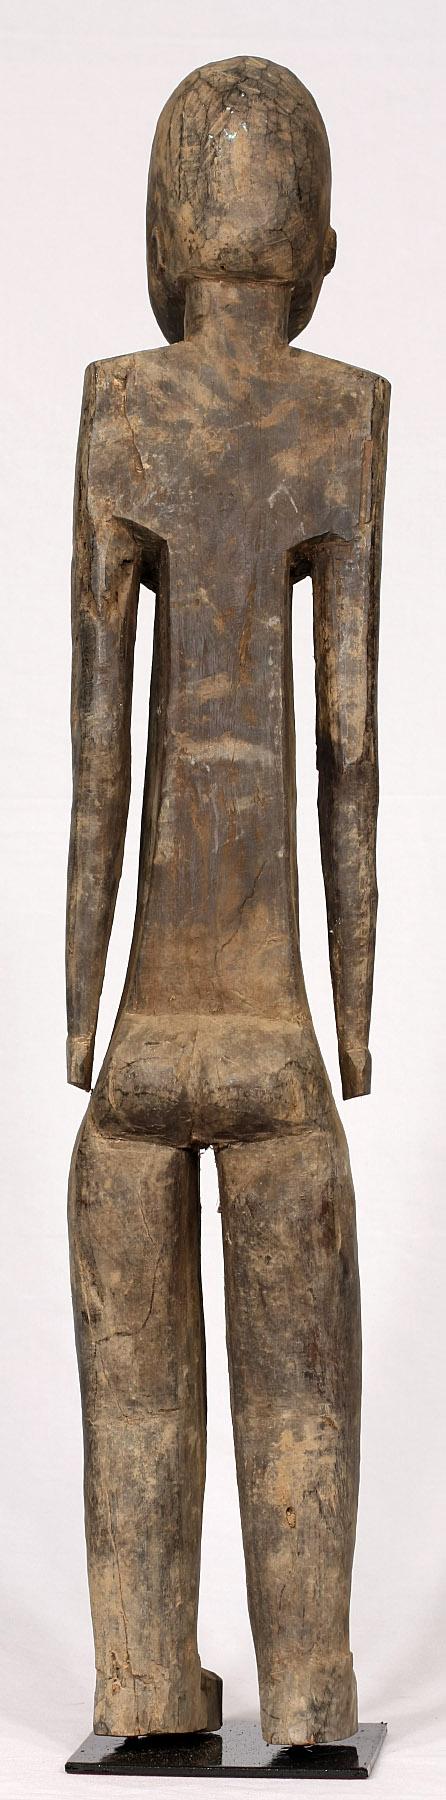 Talla Lobí de 85 cm de altura. Originaria de Burkina Faso. Ant